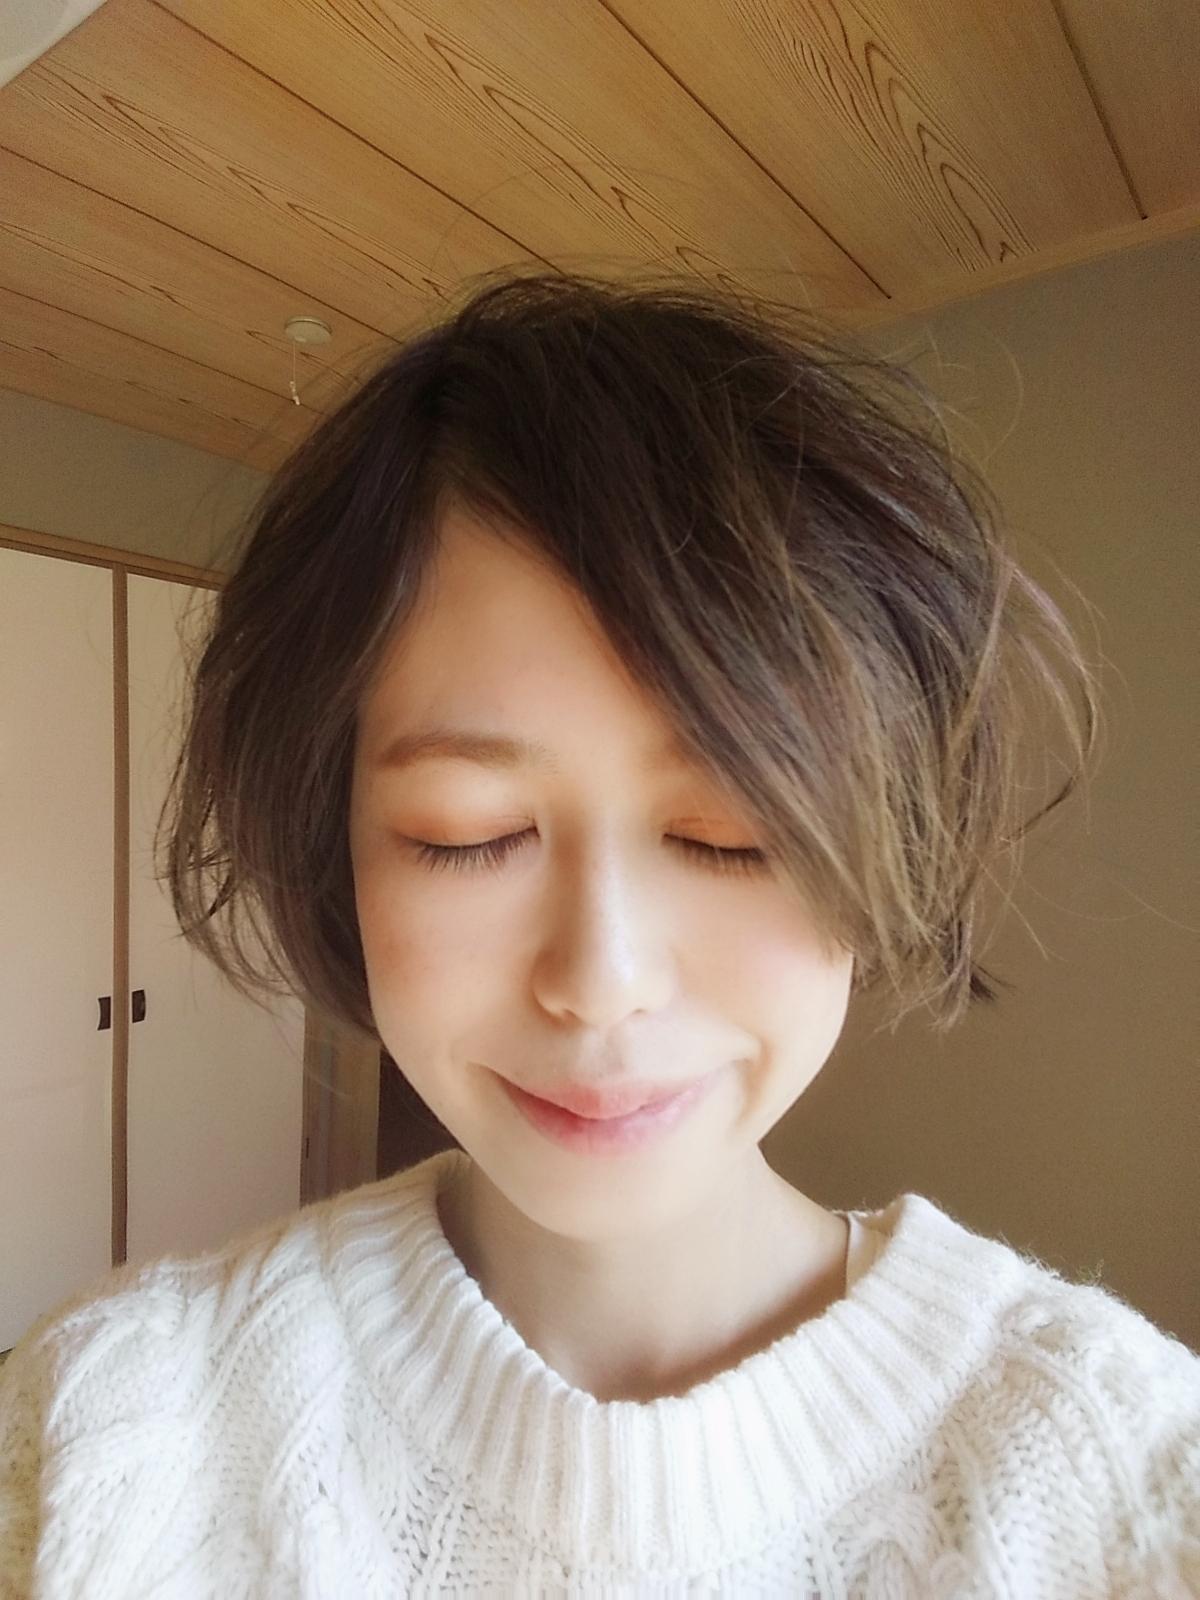 《髪に潤いを》トリートメント効果のある最強スタイリング剤!【La ViLLA ViTA】_8